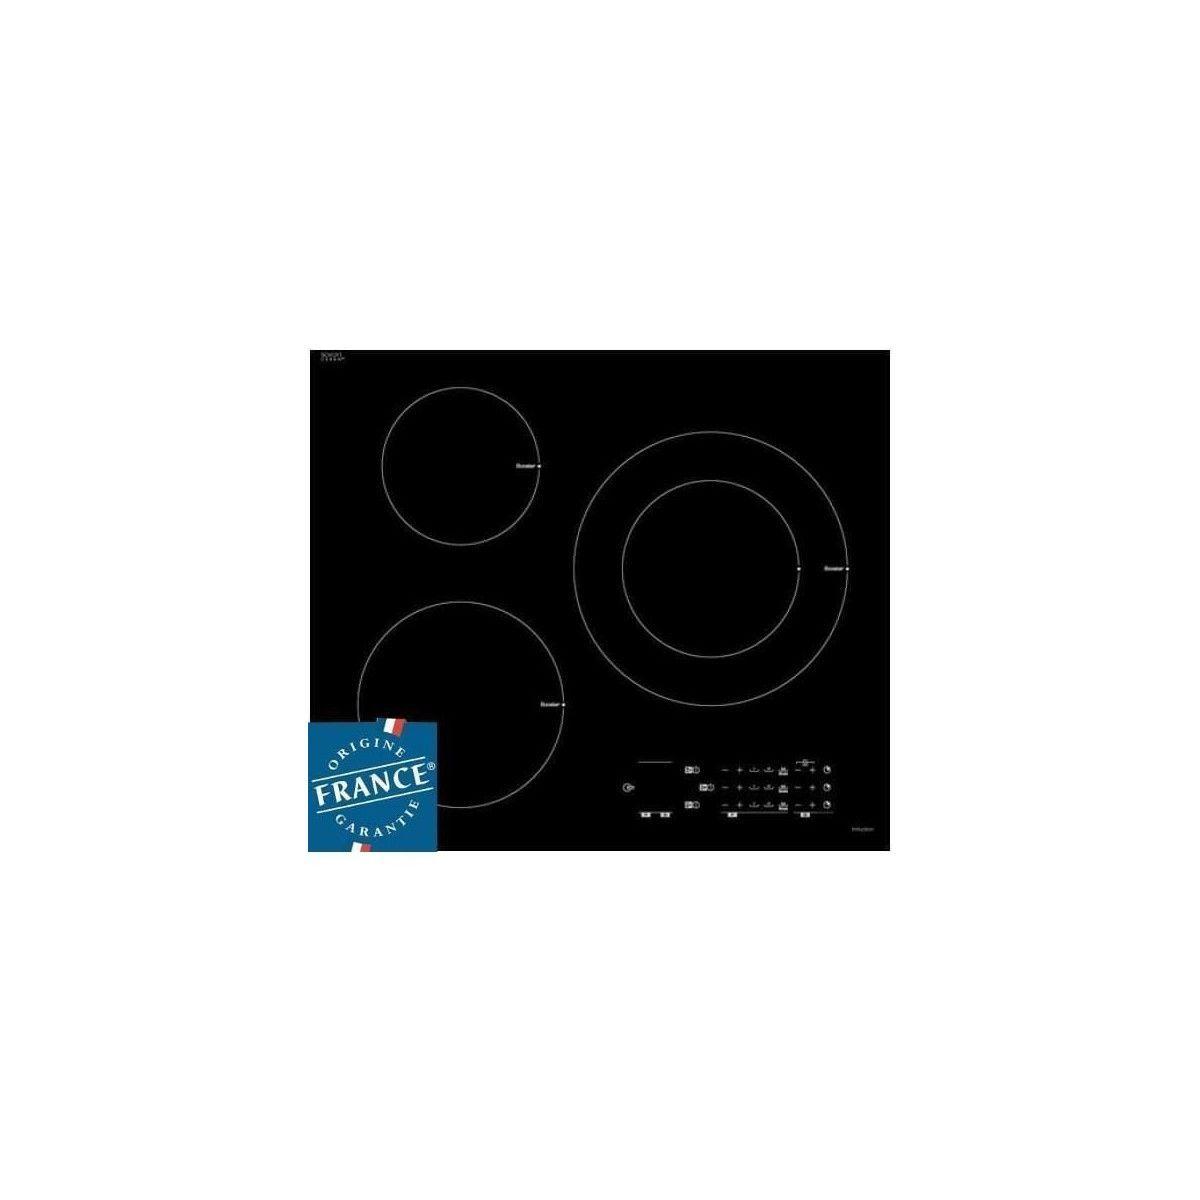 Piano De Cuisson Pas Cher Sauter sauter spi6300 - table de cuisson induction - 3 zones - 7200 w - l 60 x p  52 cm - revetement verre - noir